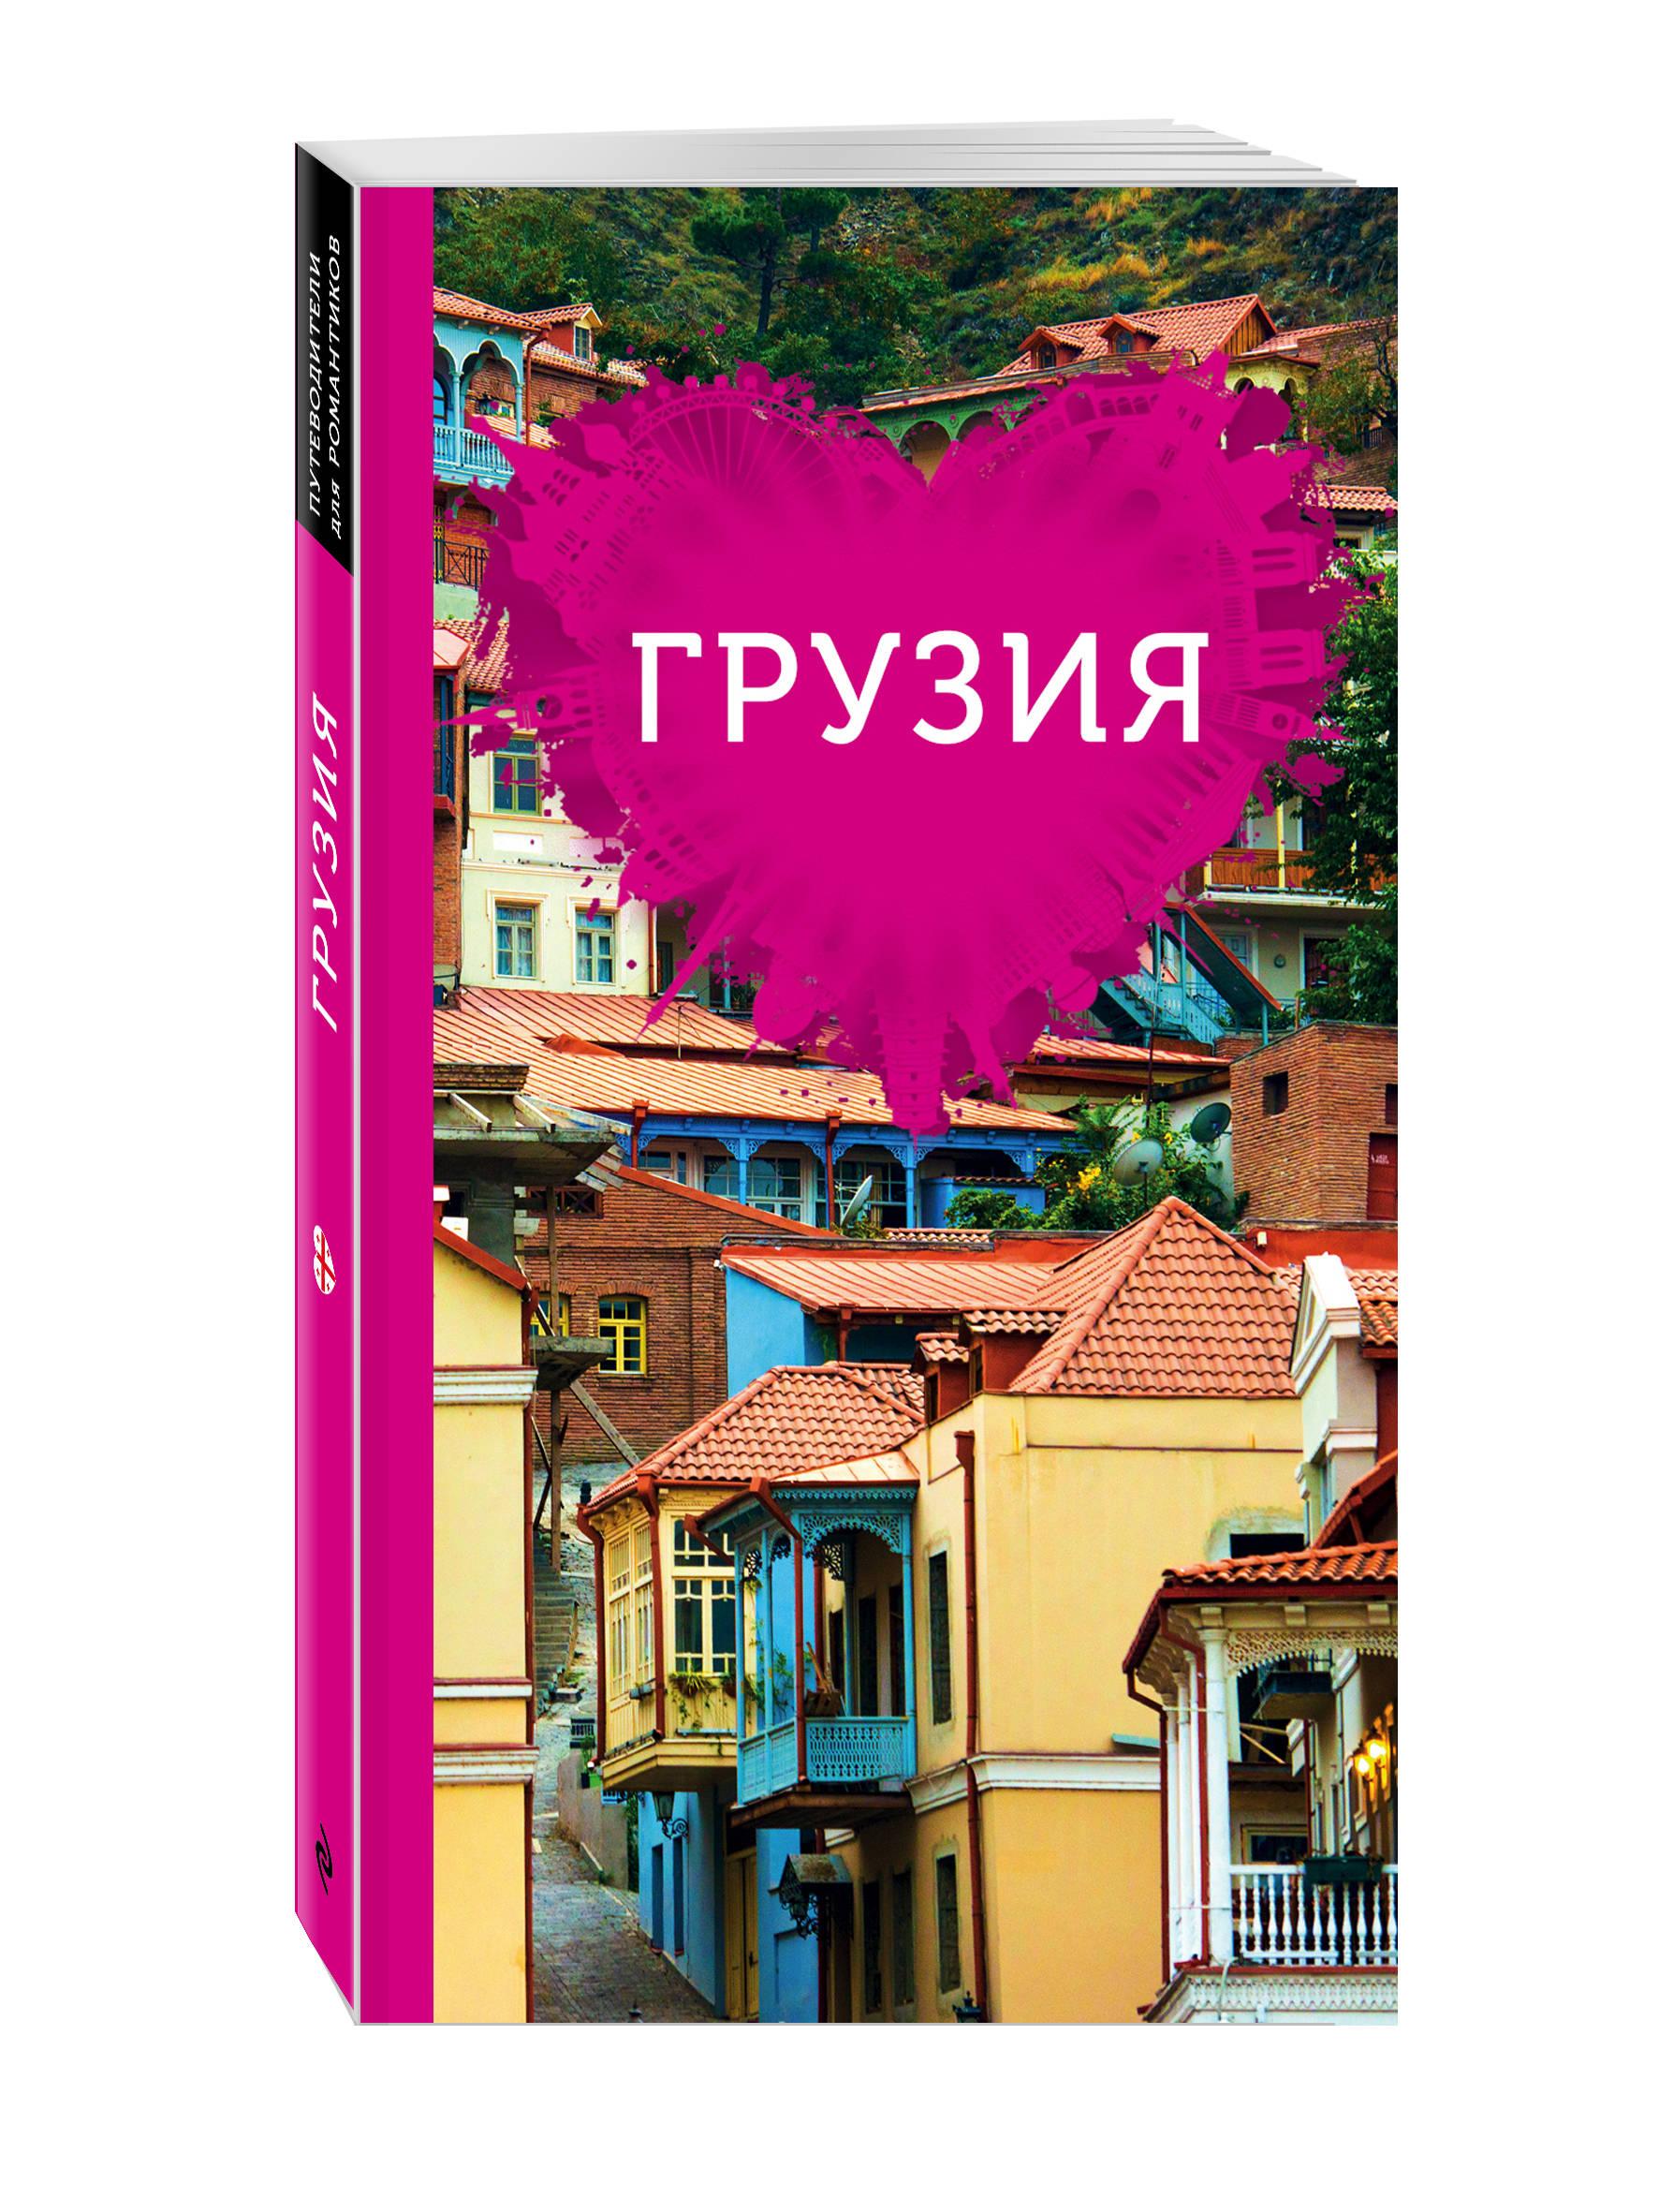 Ремнева Т.Н. Грузия для романтиков